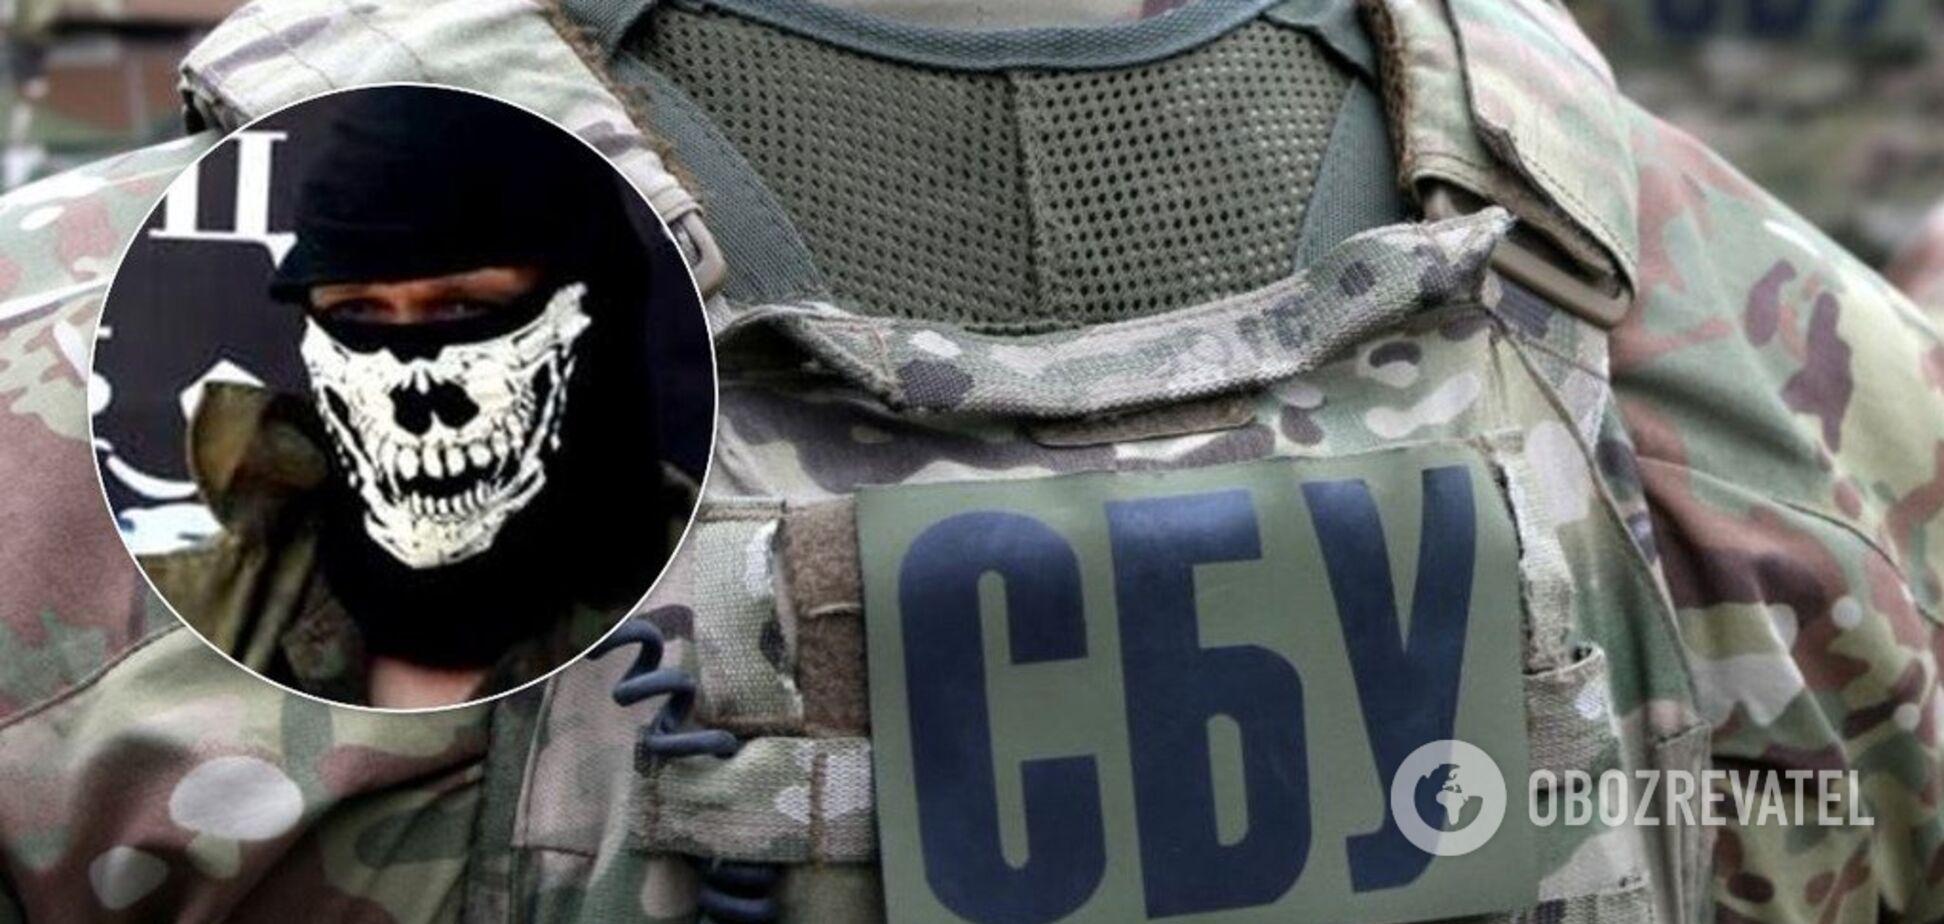 'ЛНР' ищет врагов: СБУ раскрыла коварный план террористов